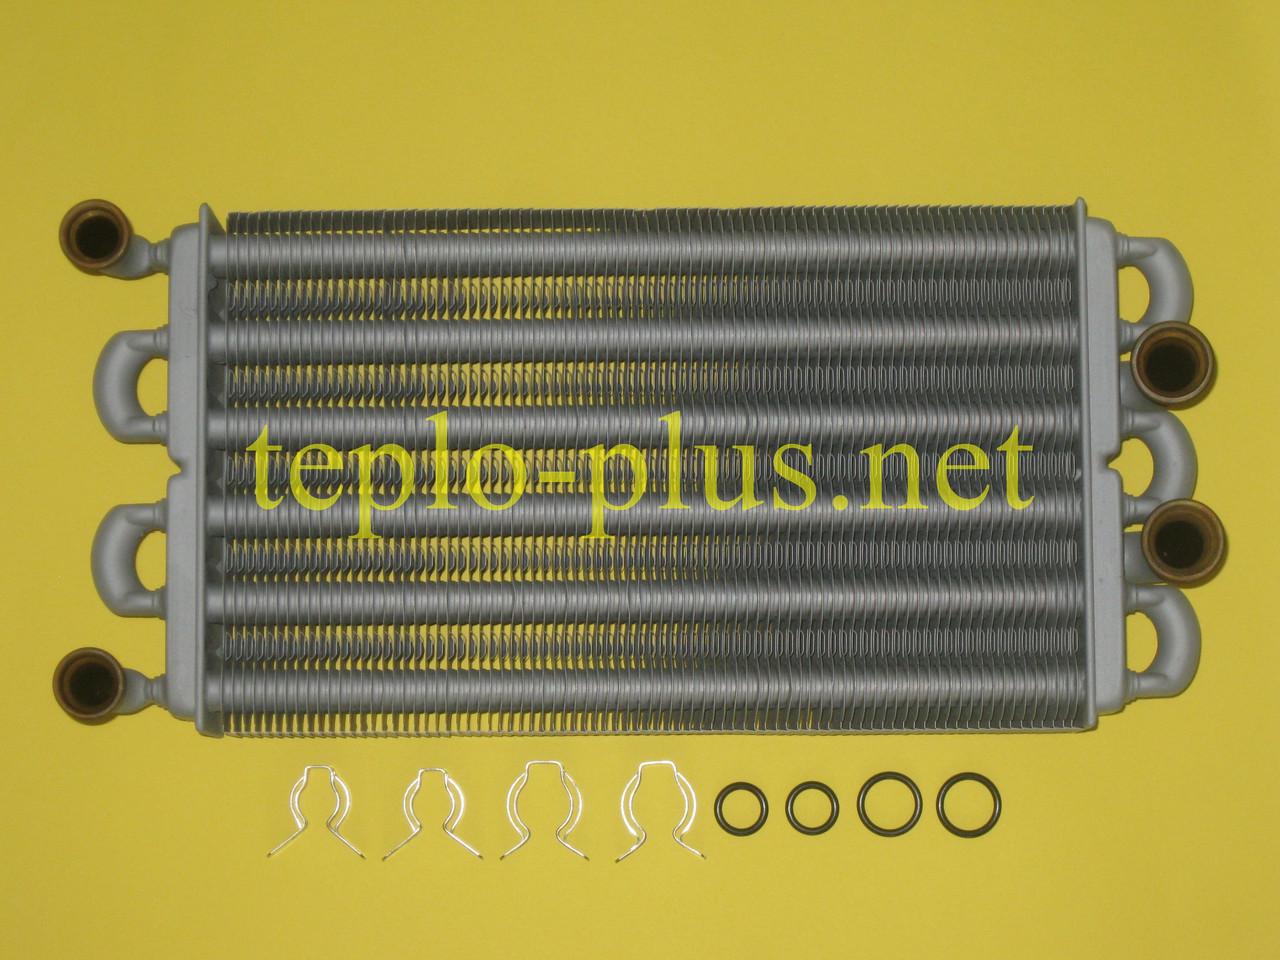 Теплообменник битермический 32 кВт 39819910/39819670 Ferroli Domiproject C32, F32, FerEasy C32, F32